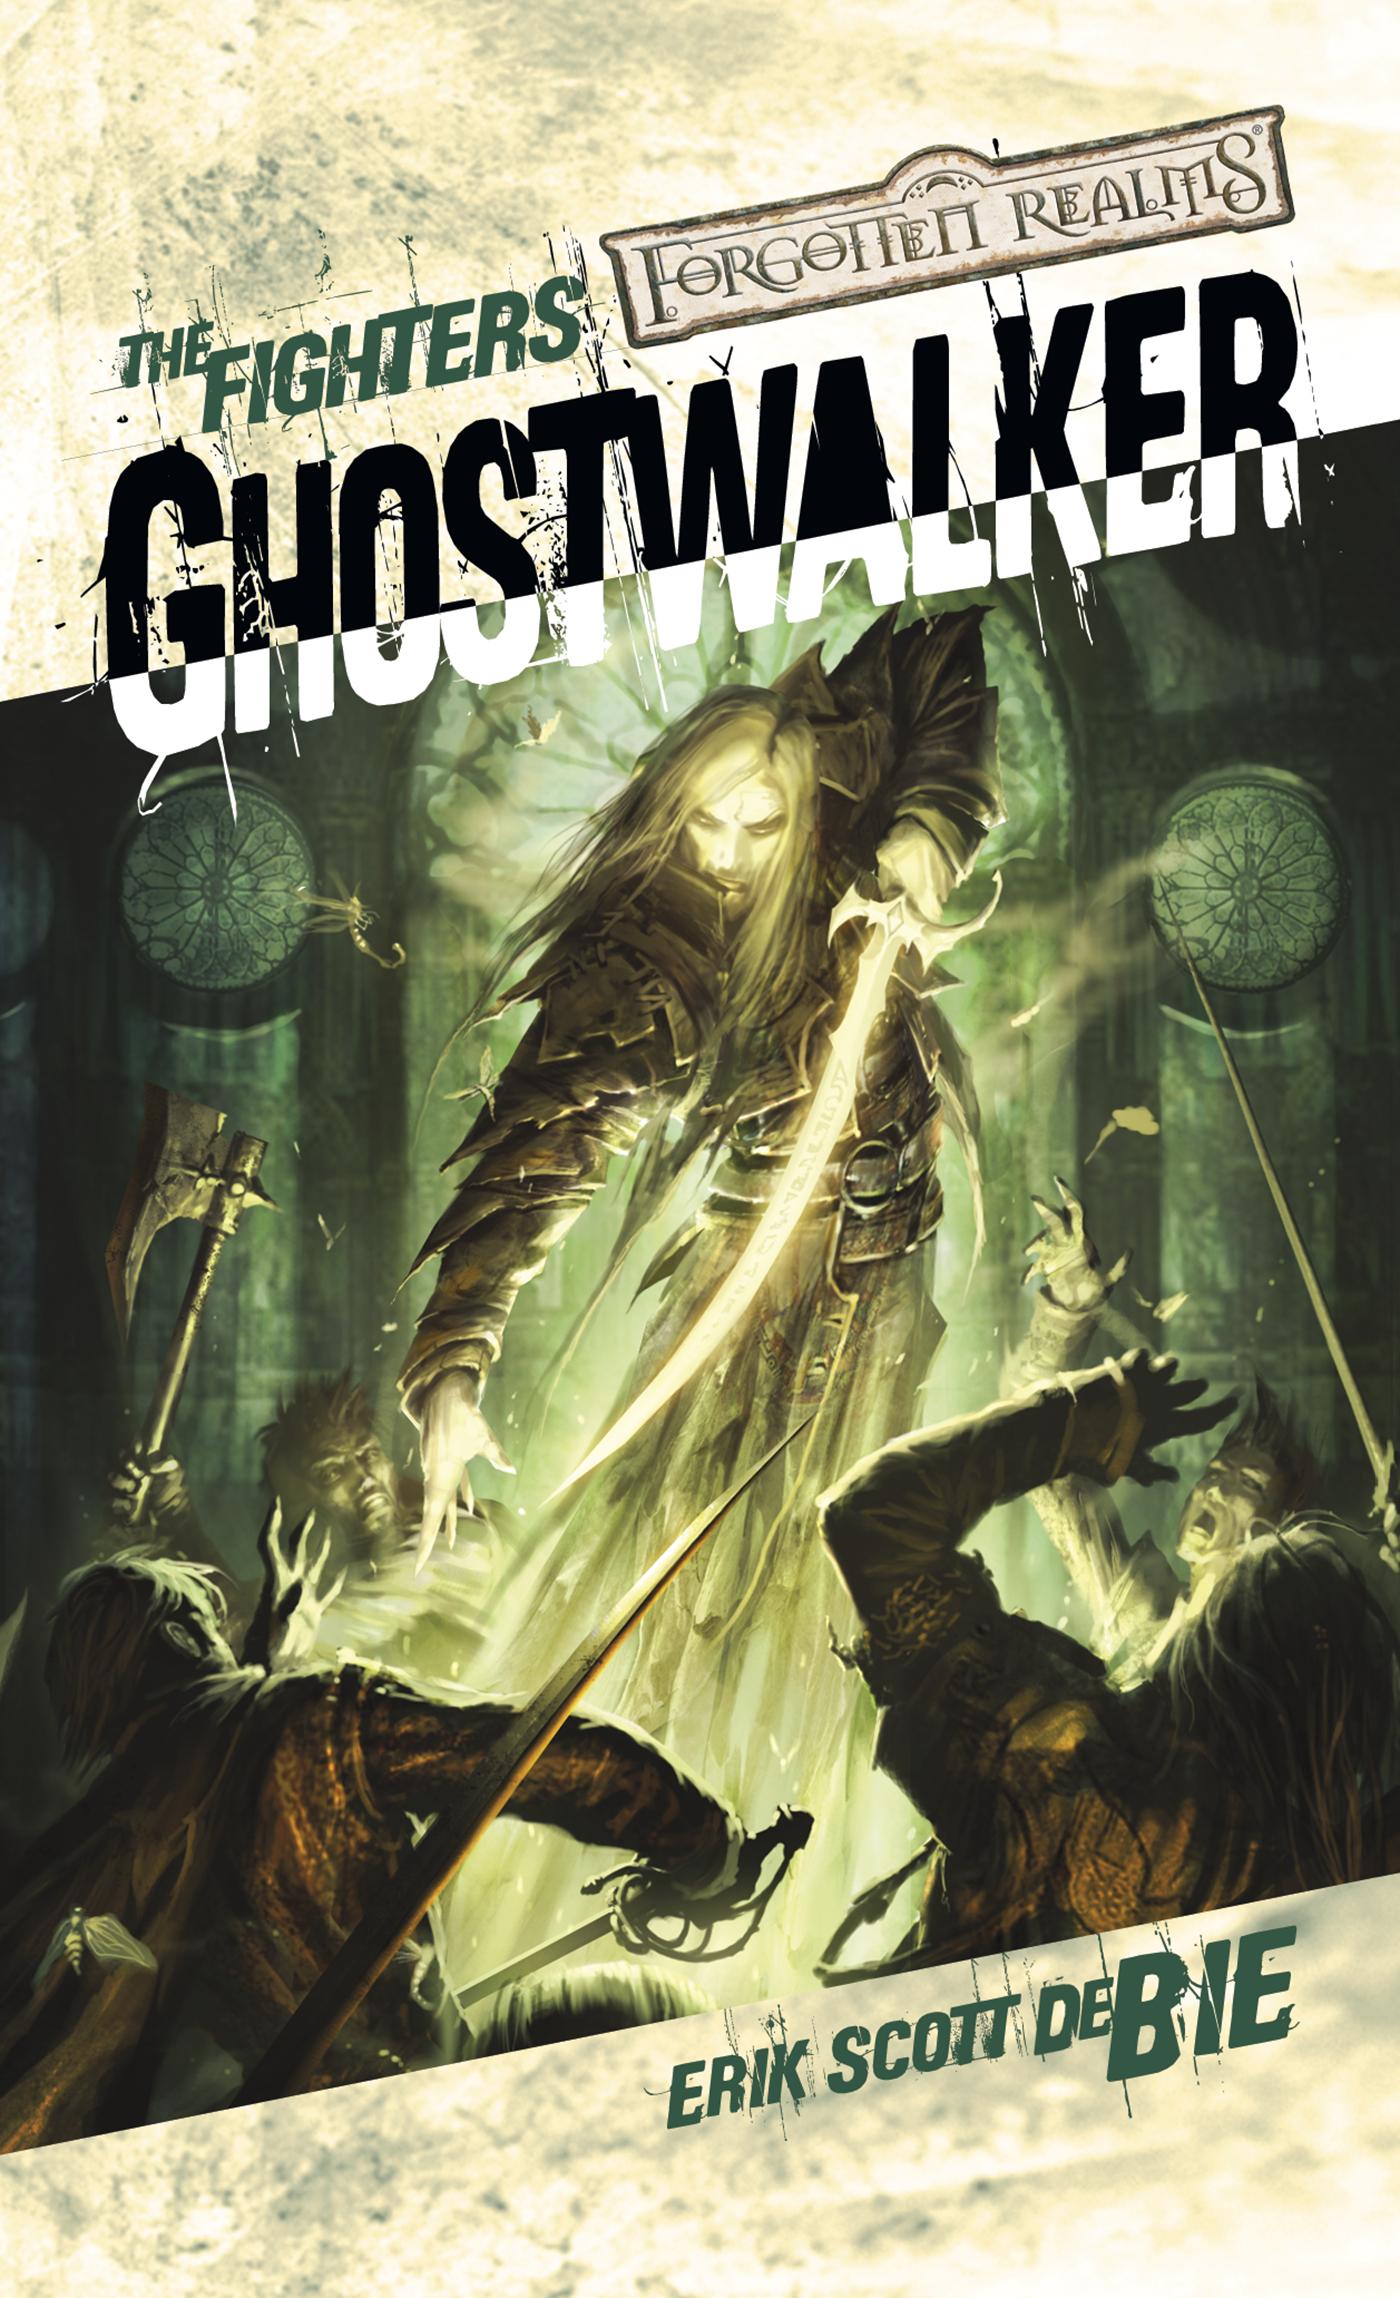 Ghostwalker (novel) | Forgotten Realms Wiki | FANDOM powered by Wikia